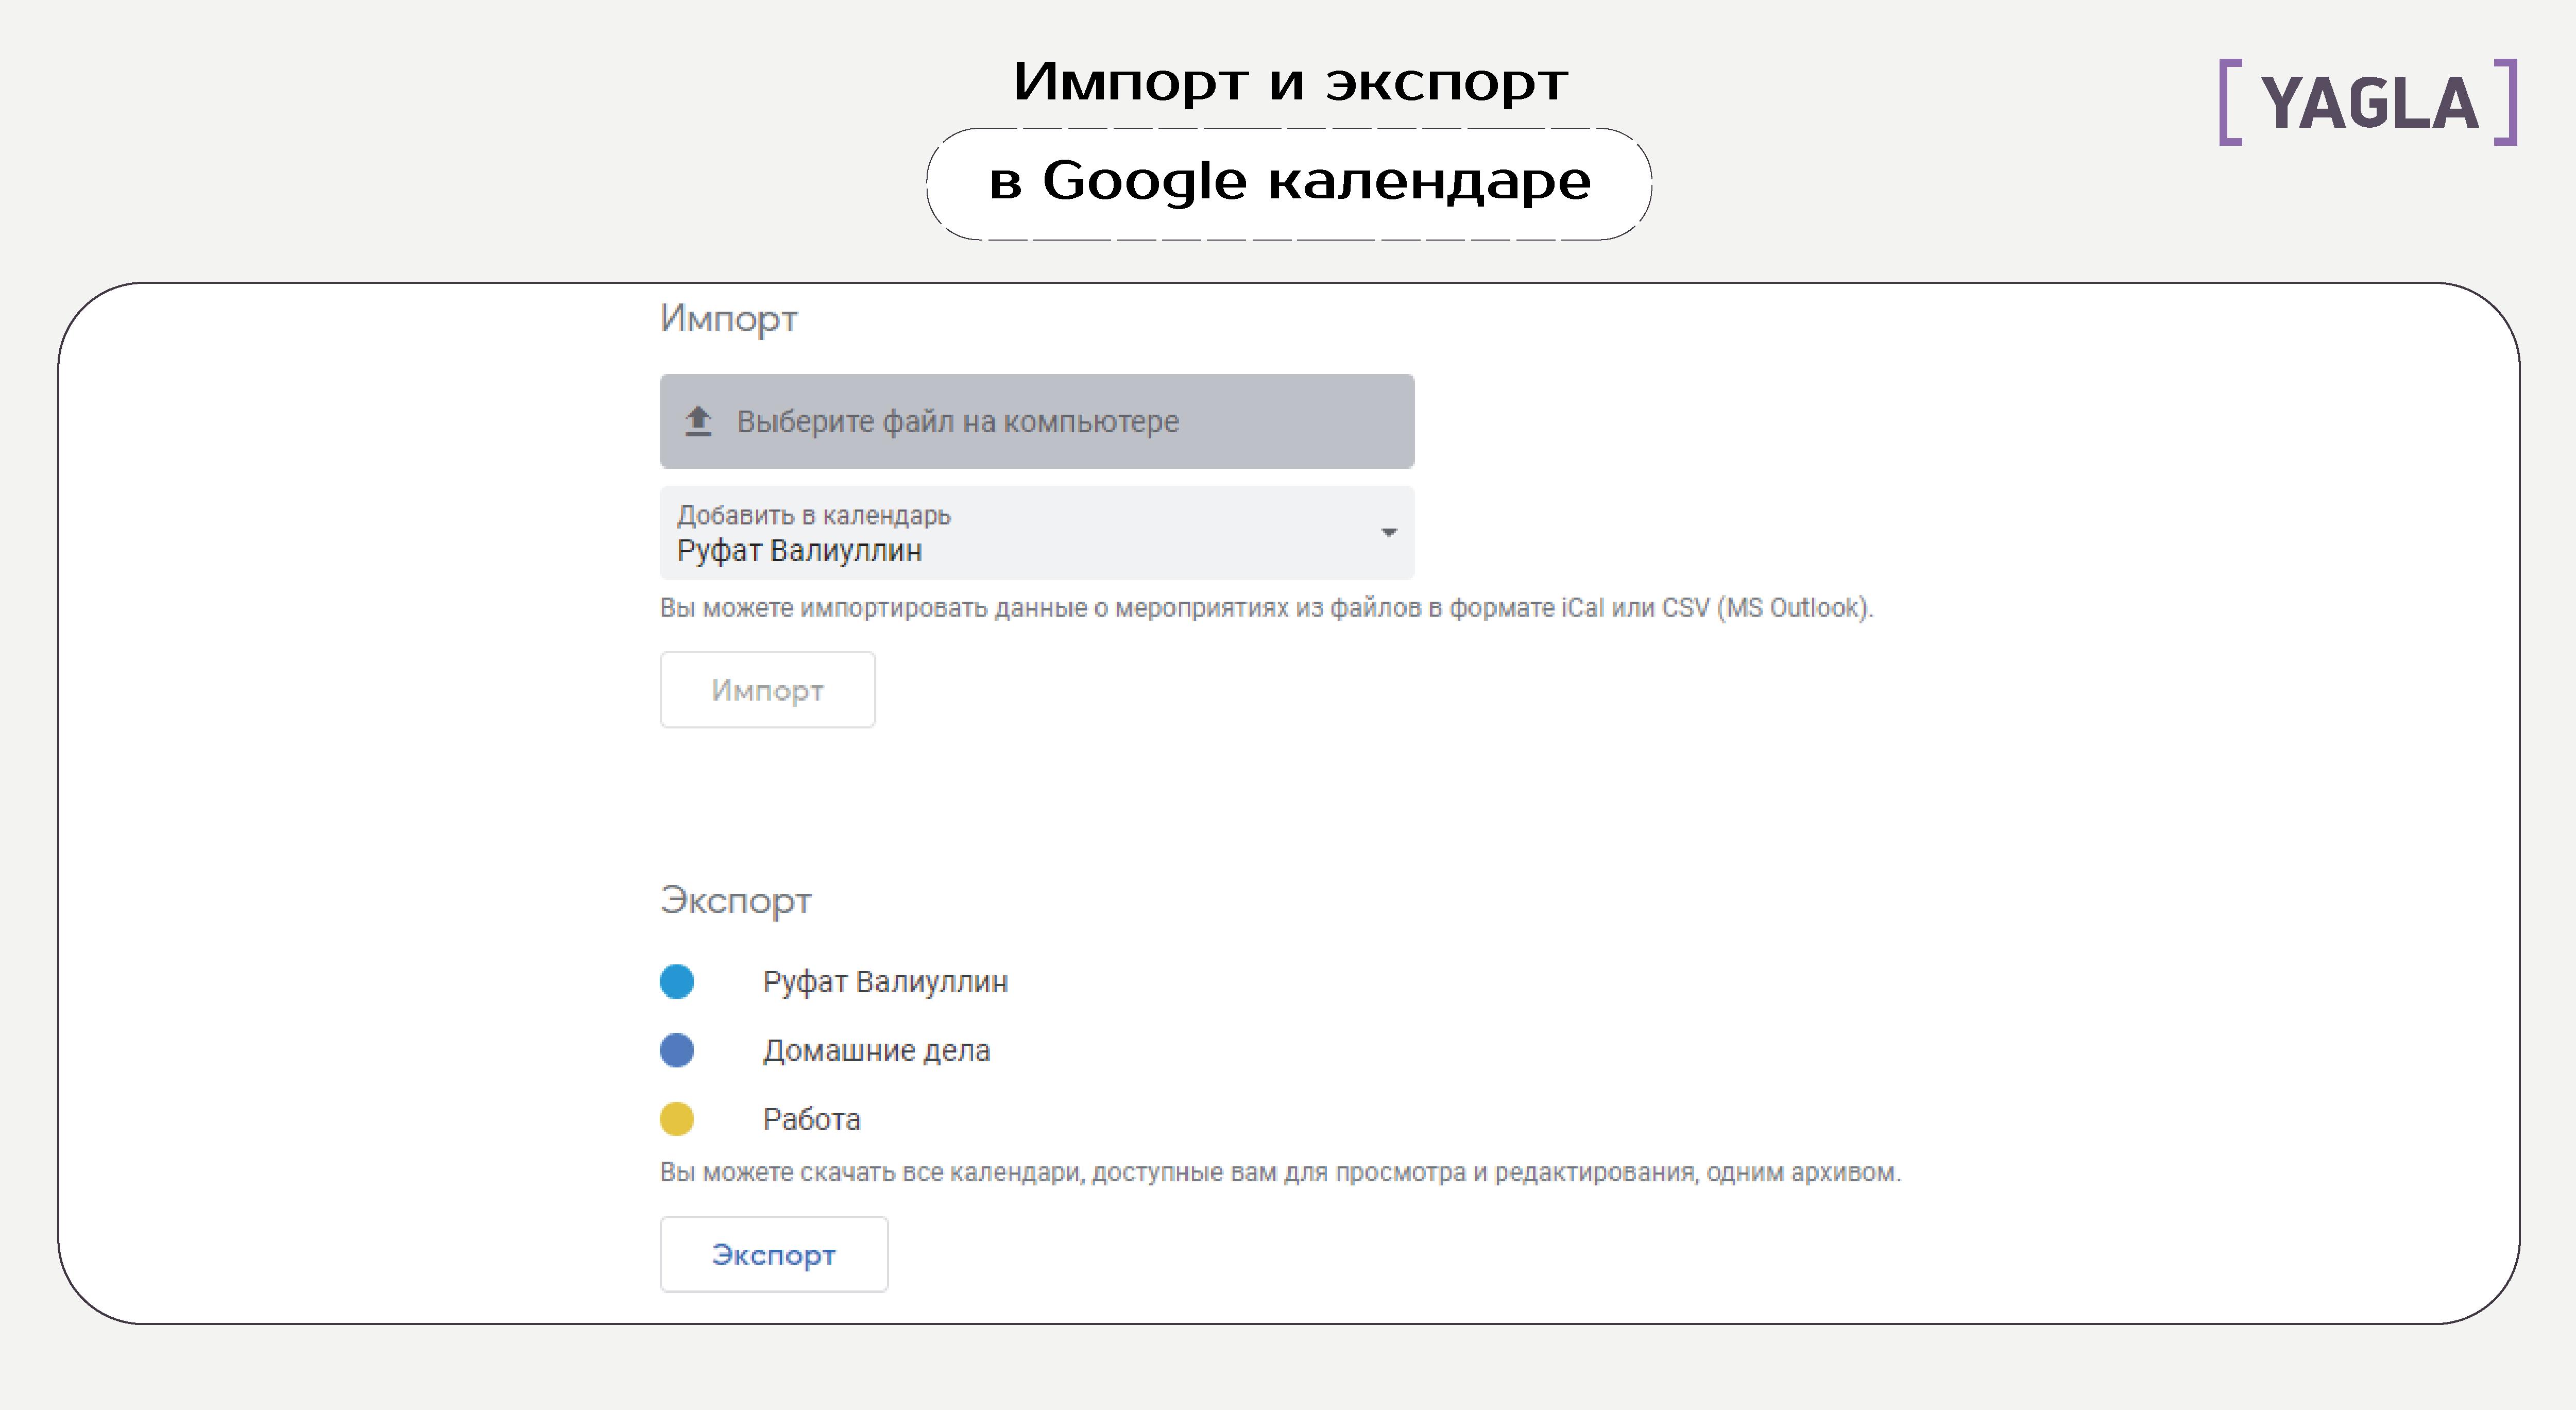 Импорт и экспорт в Google календаре